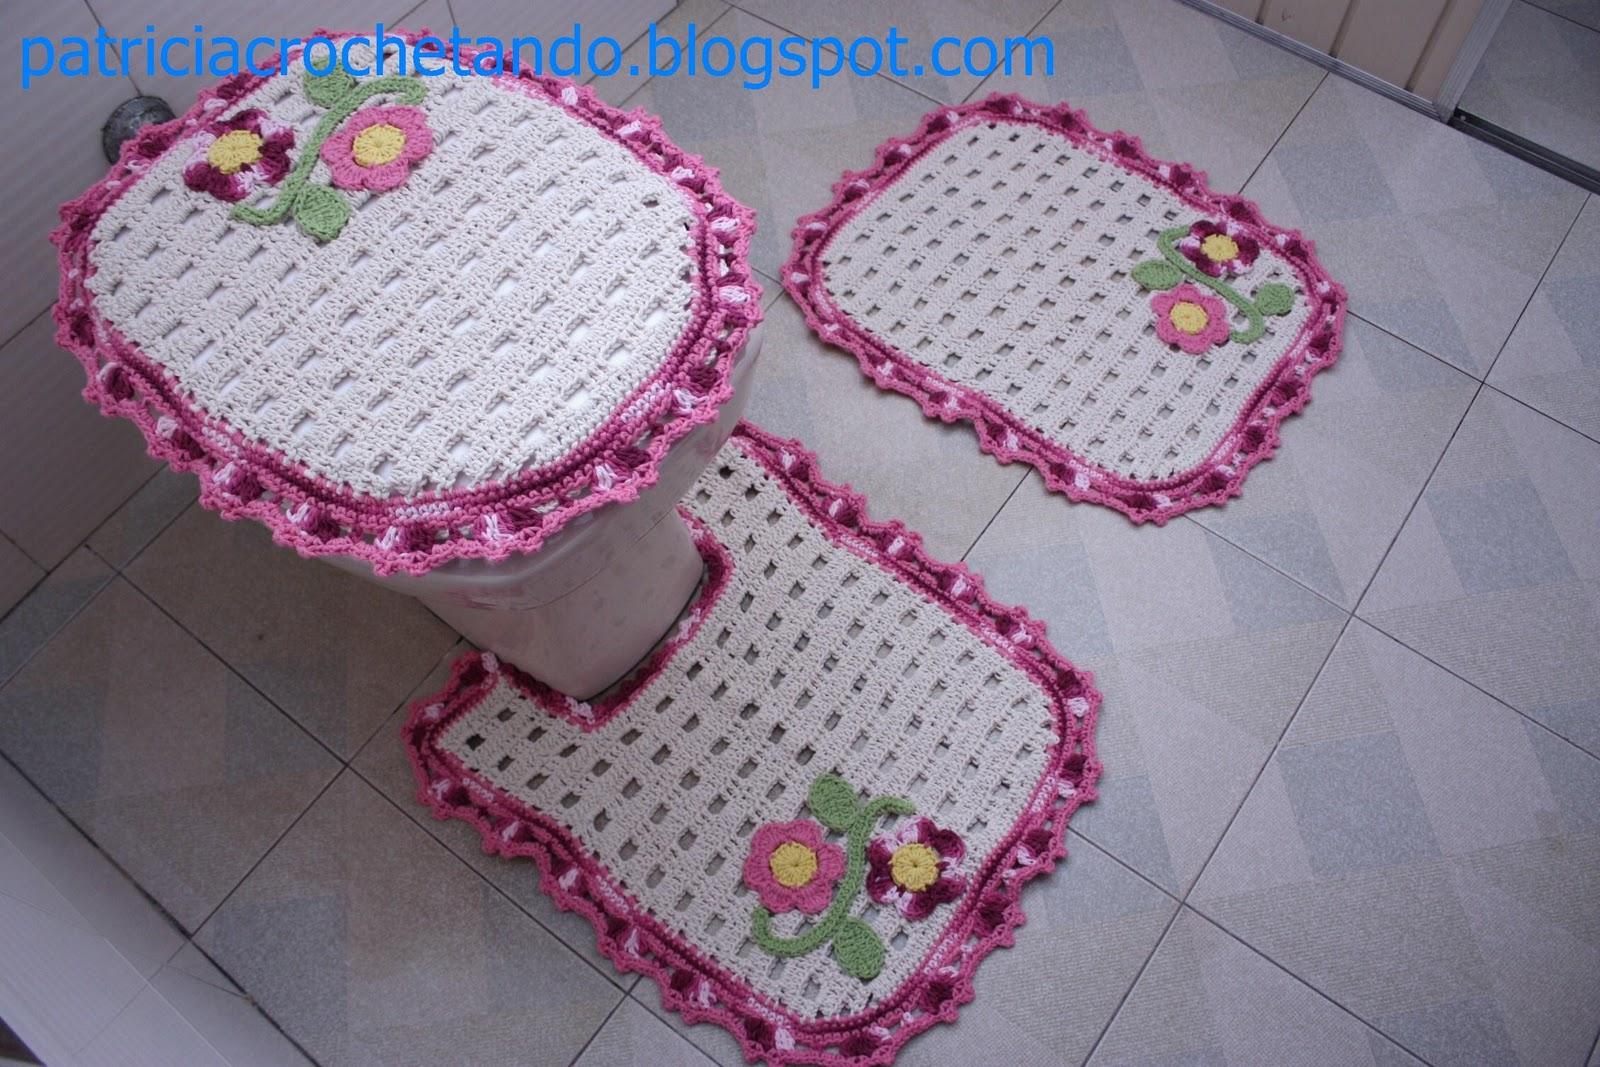 Jogo De Banheiro Classic Rosa Passo A Passo : Patricia crochetando jogo de banheiro croche rosa com